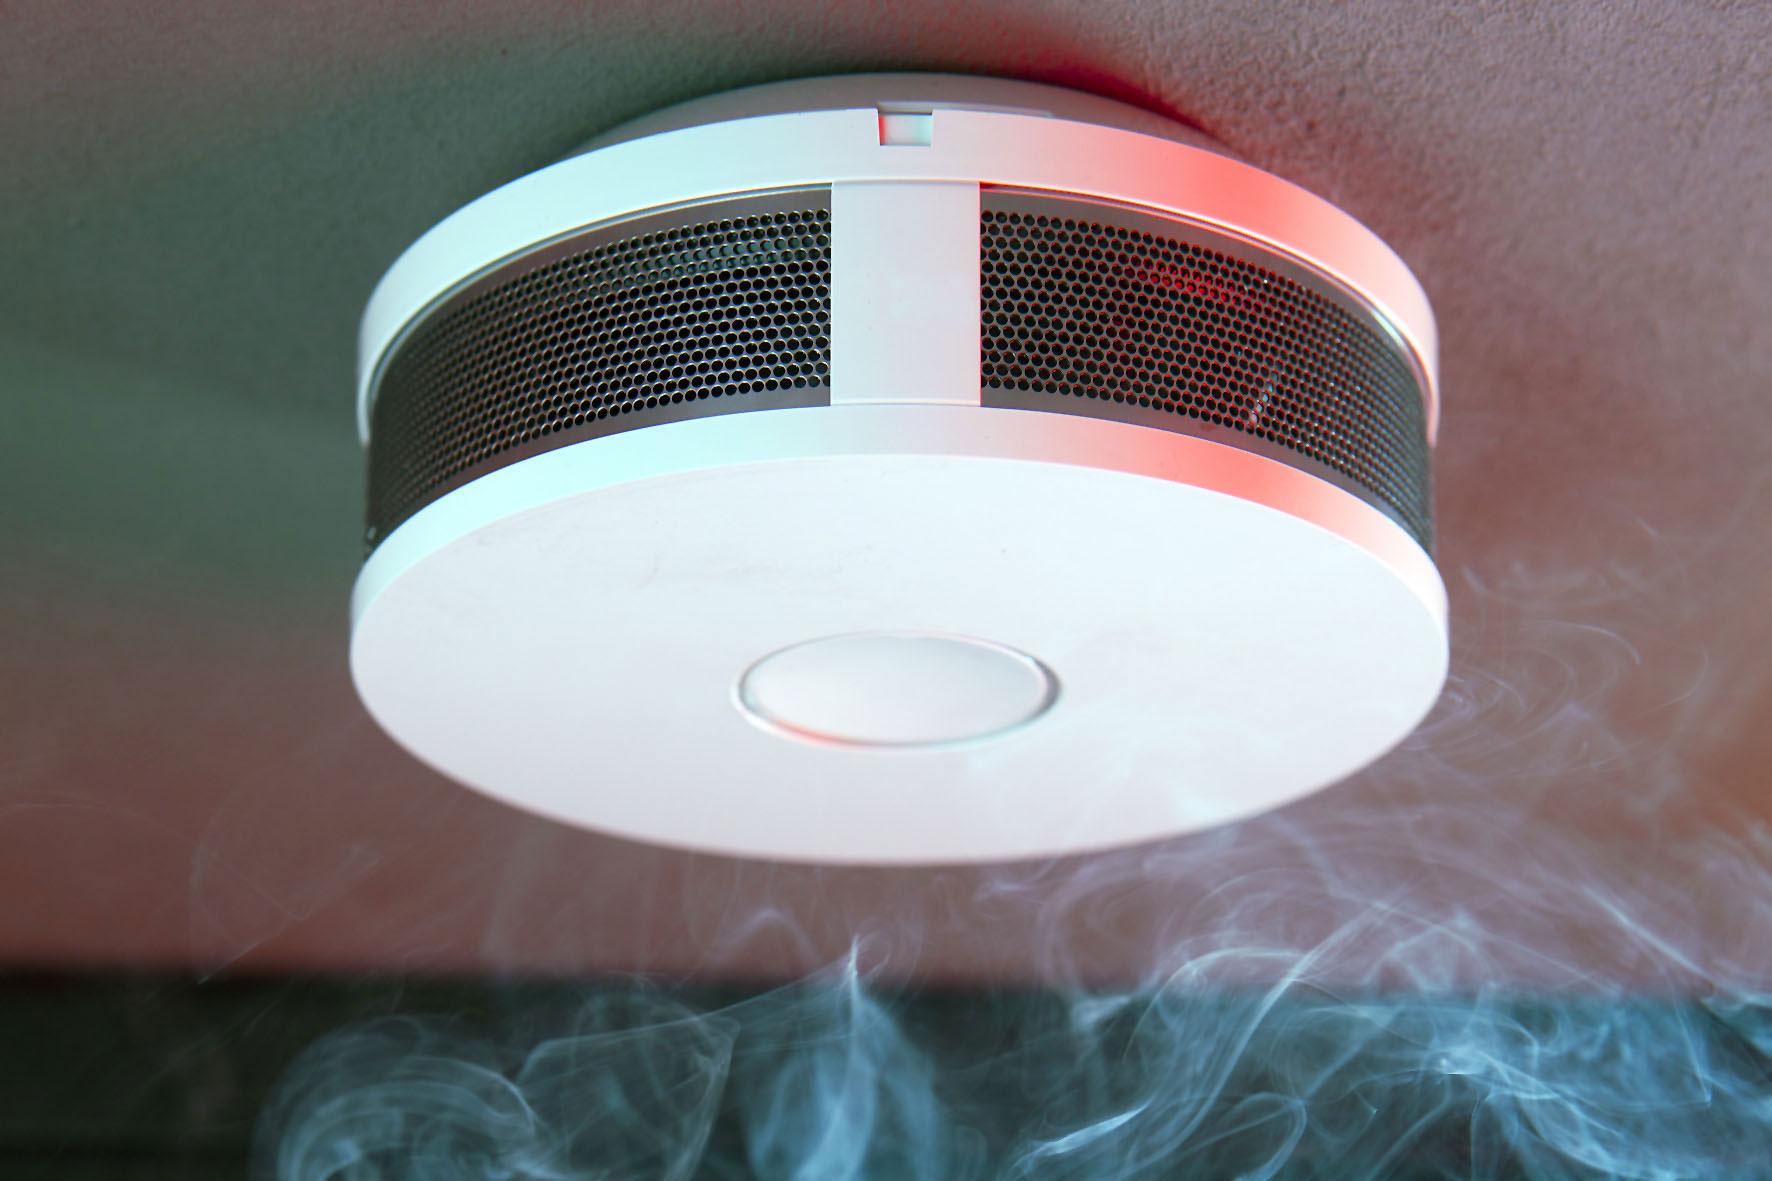 rauchmelder retten leben sch neszuhause. Black Bedroom Furniture Sets. Home Design Ideas